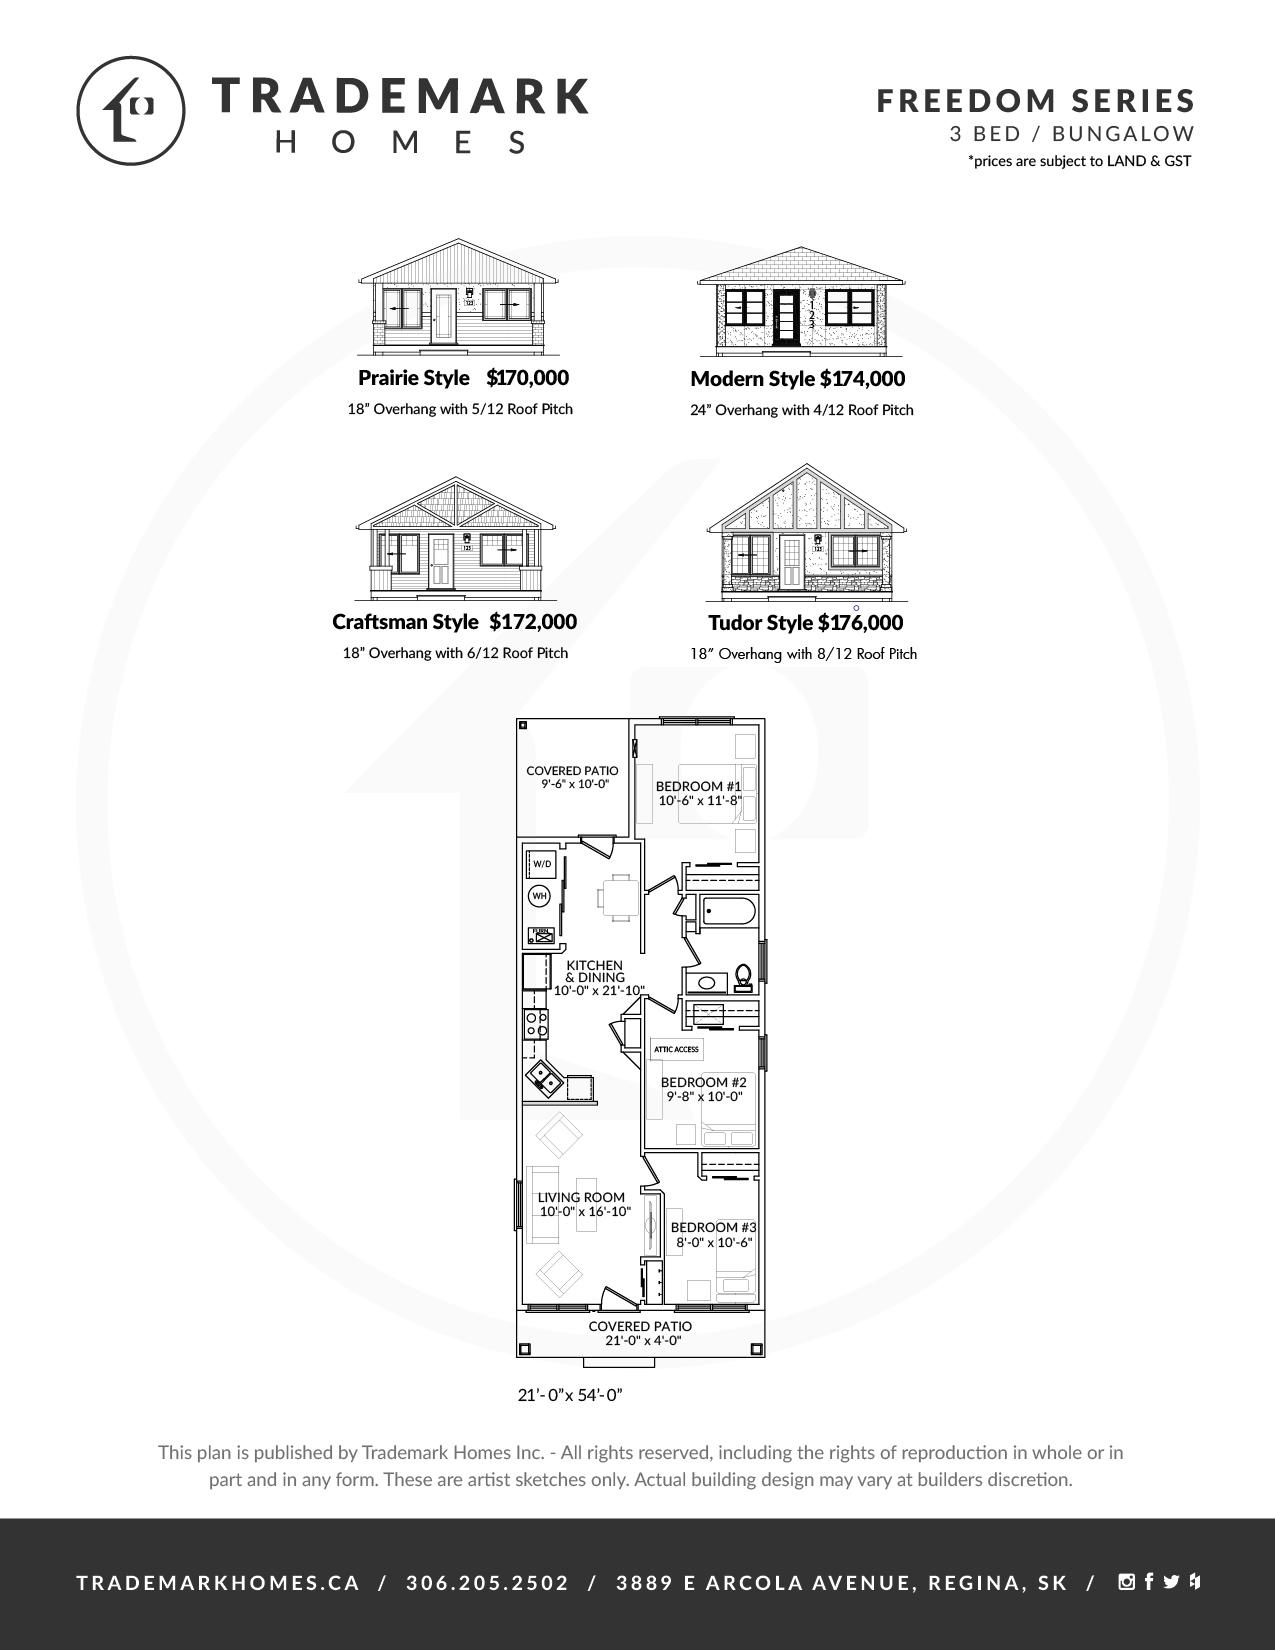 Freedom Series - 3 Bedroom Bungalow - Floorplan - Regina Home Builder - Harbour Landing